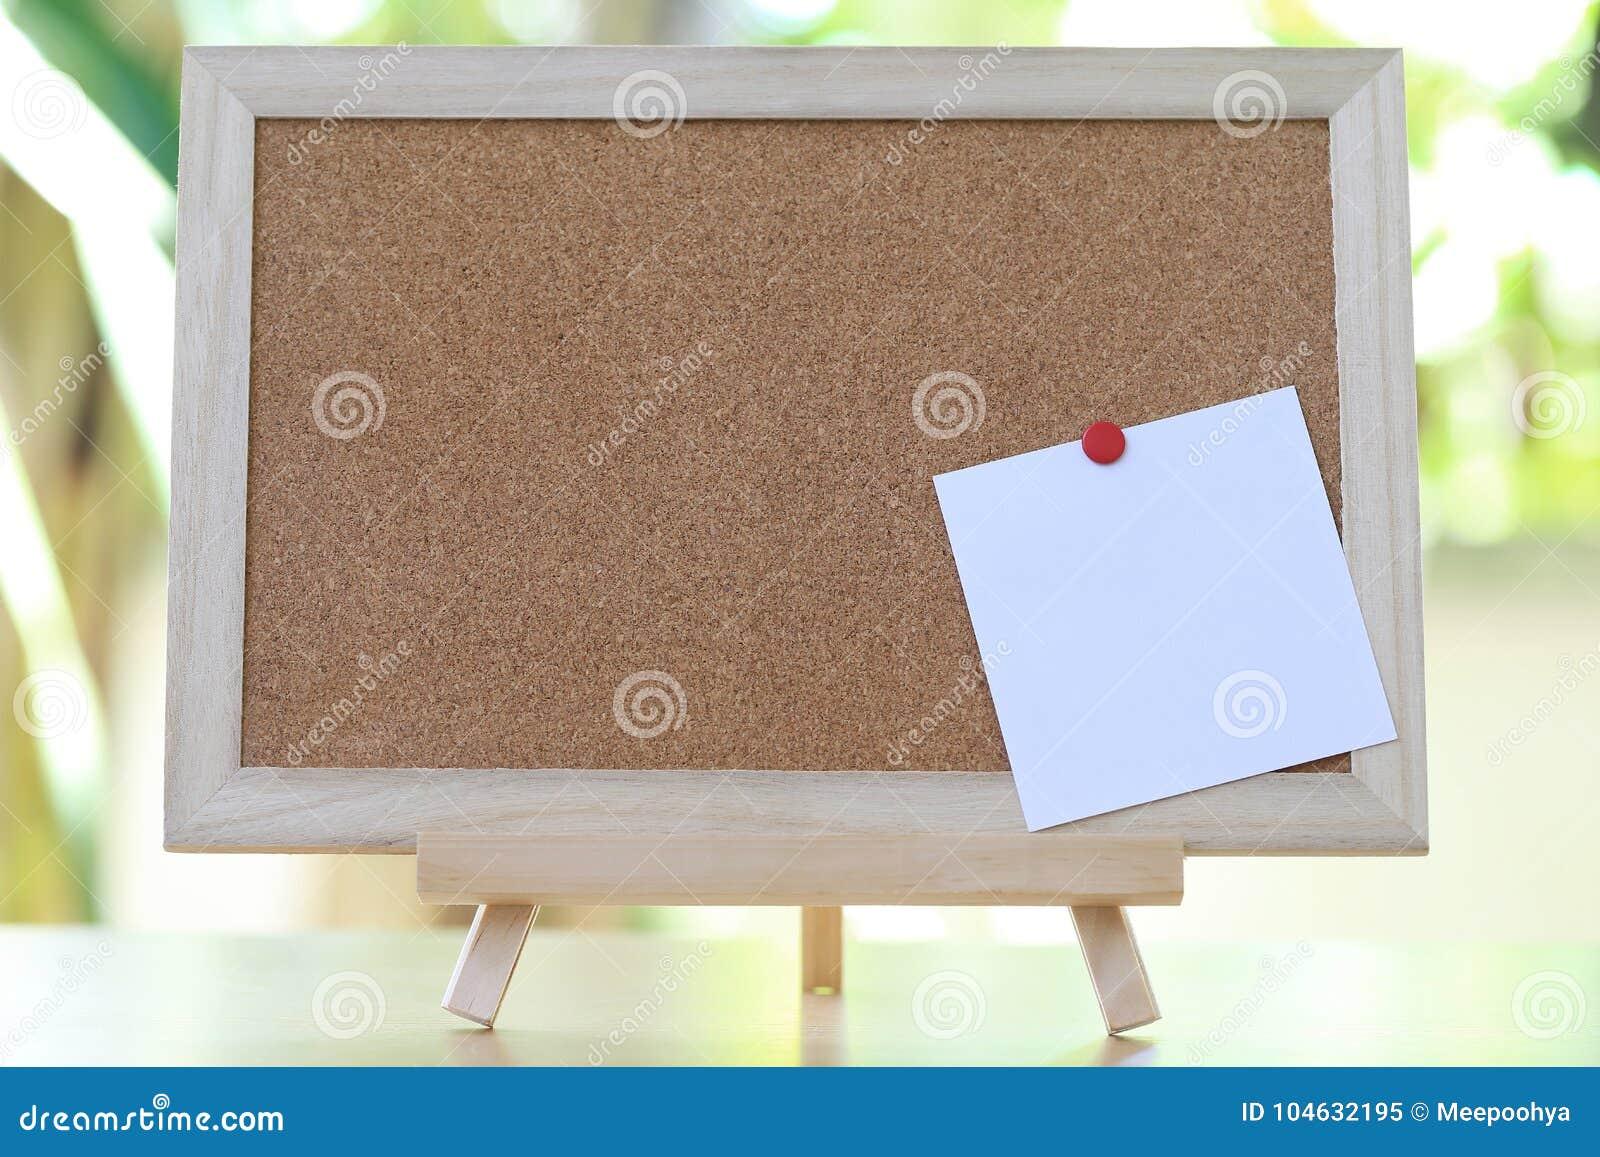 Download Leeg Houten Raad En Notadocument Stock Afbeelding - Afbeelding bestaande uit bruin, bulletin: 104632195